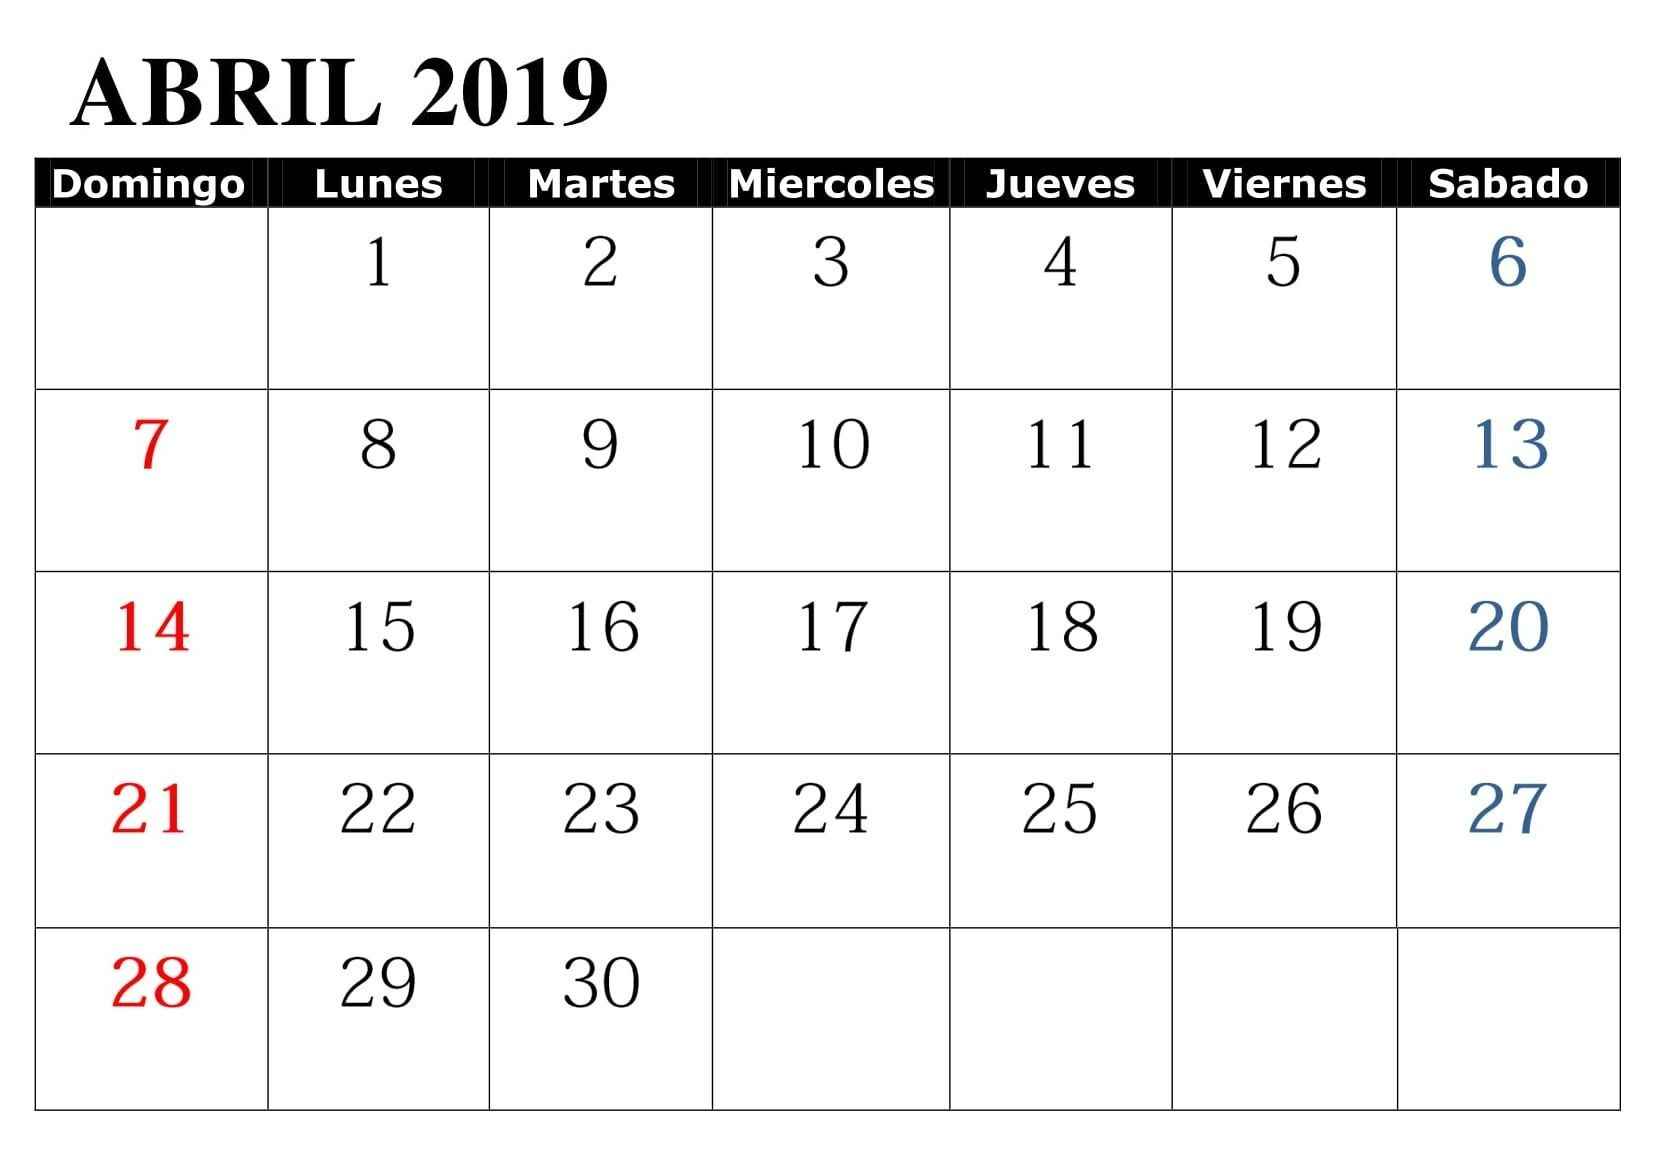 calendario 2019 colombia word mas recientemente liberado abril 2019 con festivos word calendario t of calendario 2019 colombia word